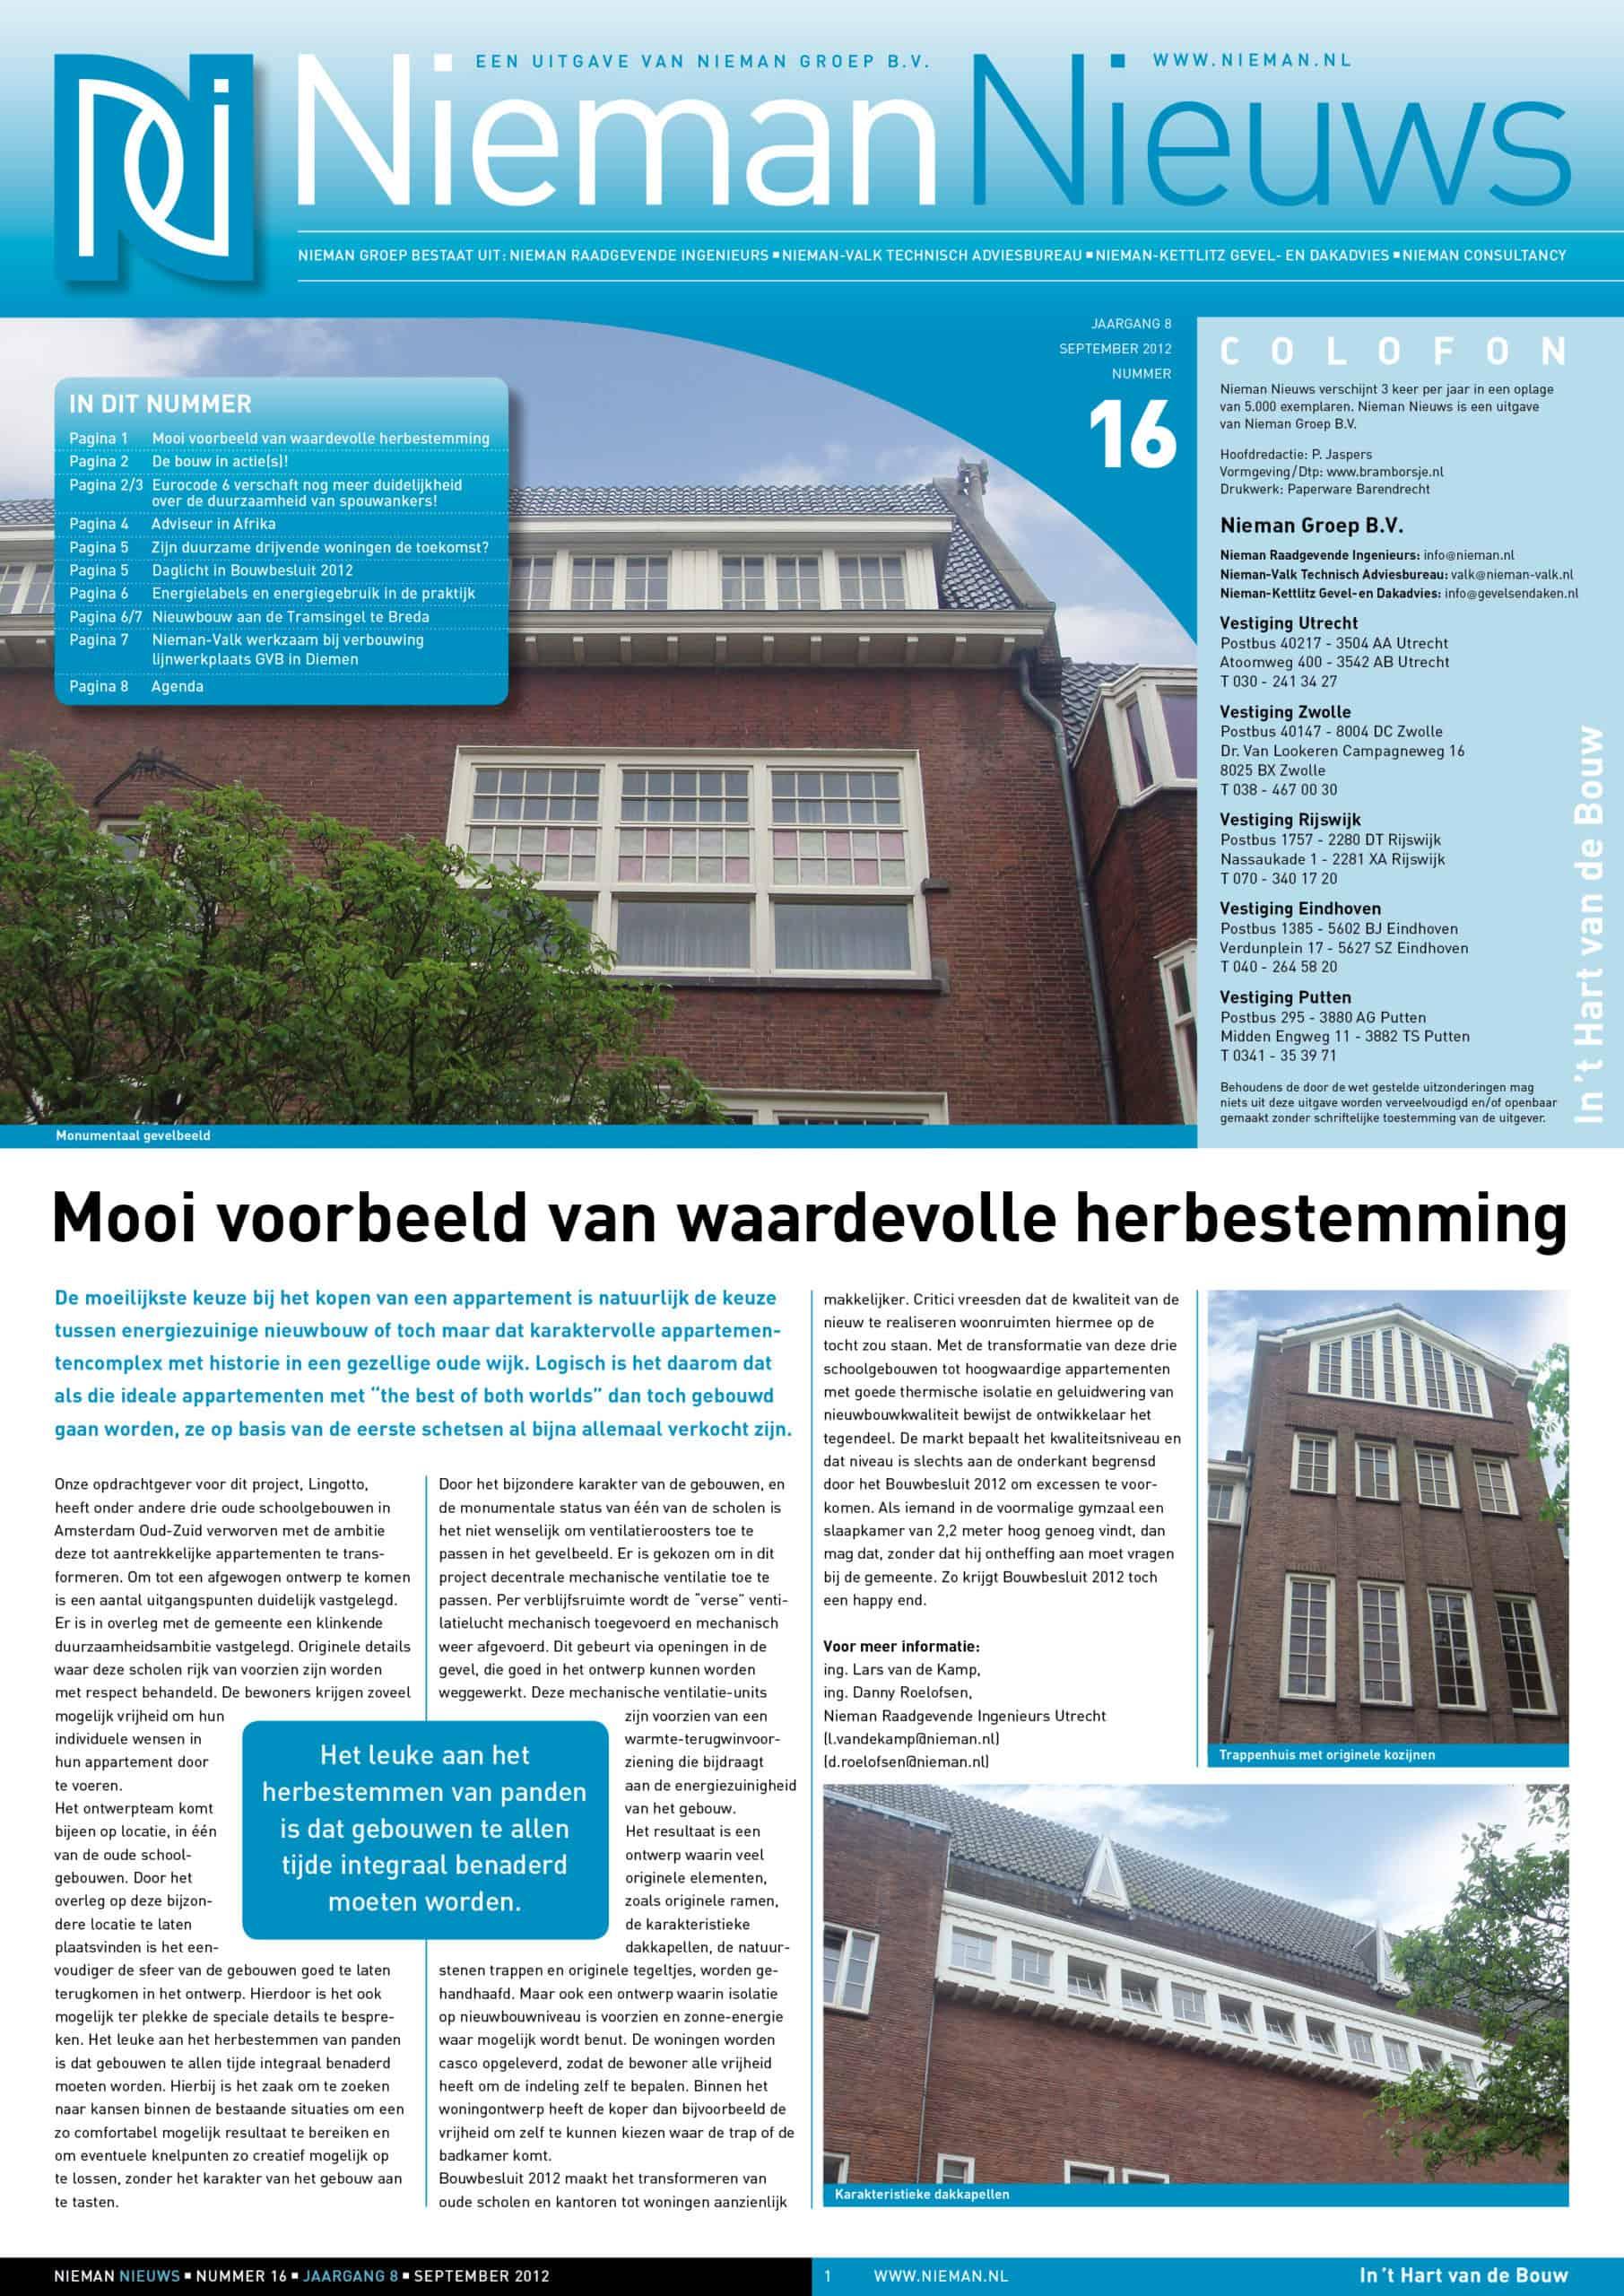 Nieman-Nieuws_internet-Krant-16_2012-09_voorpagina-3-scaled